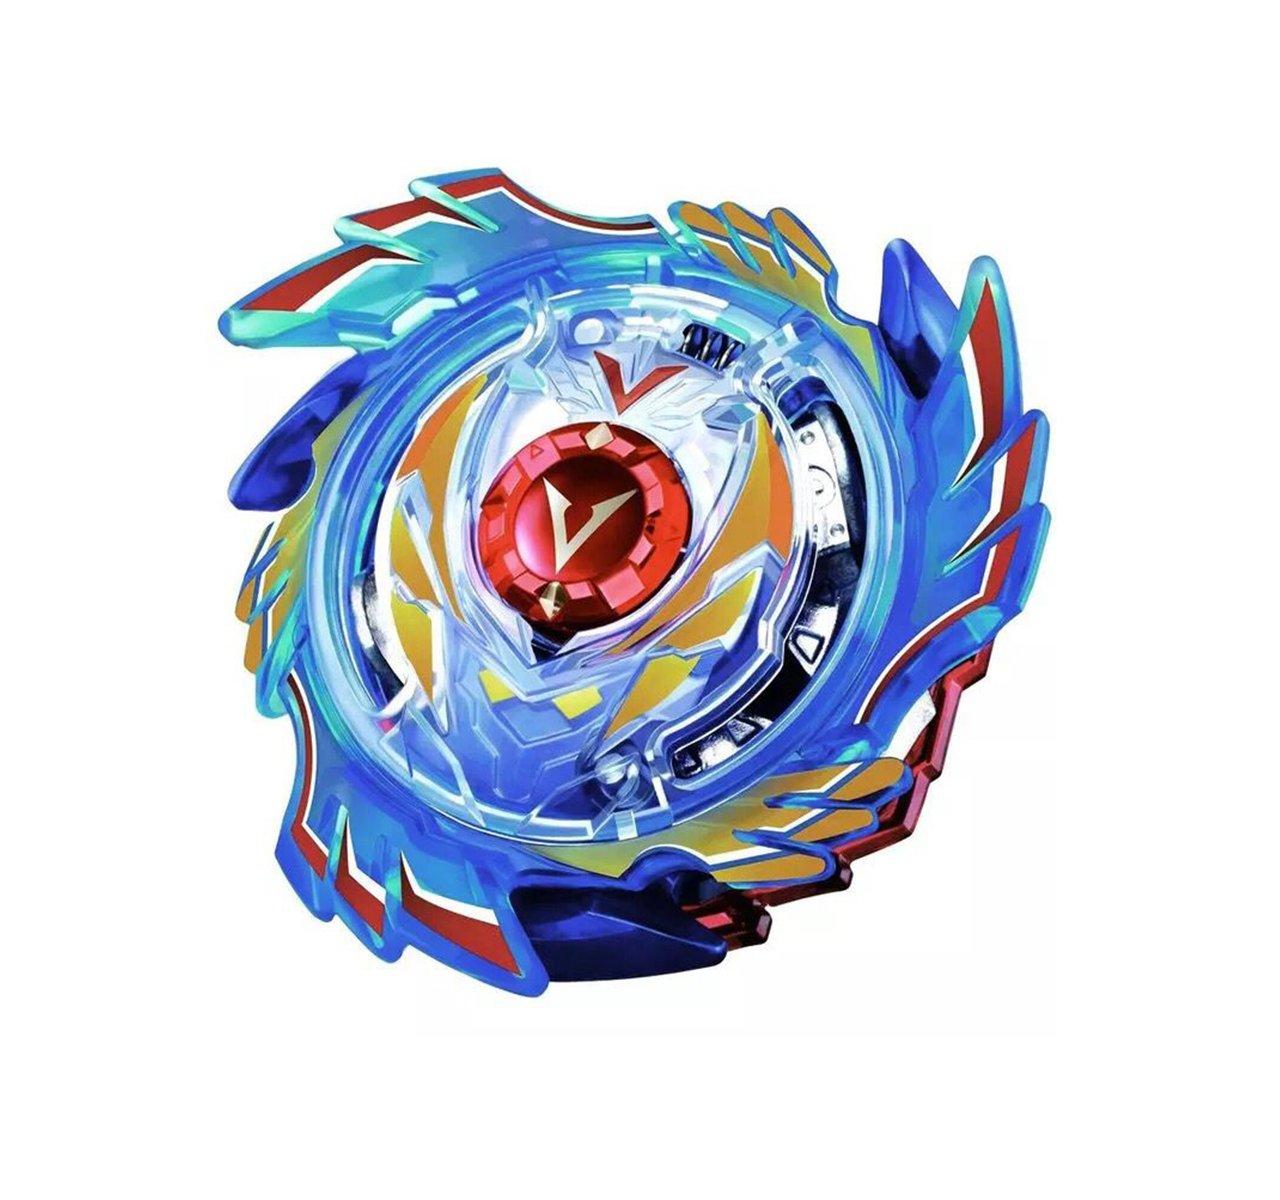 ZXLZKQ Beyblade con Lanzador Combate Juguetes educativos Juguete de Regalo Creativo - B73.